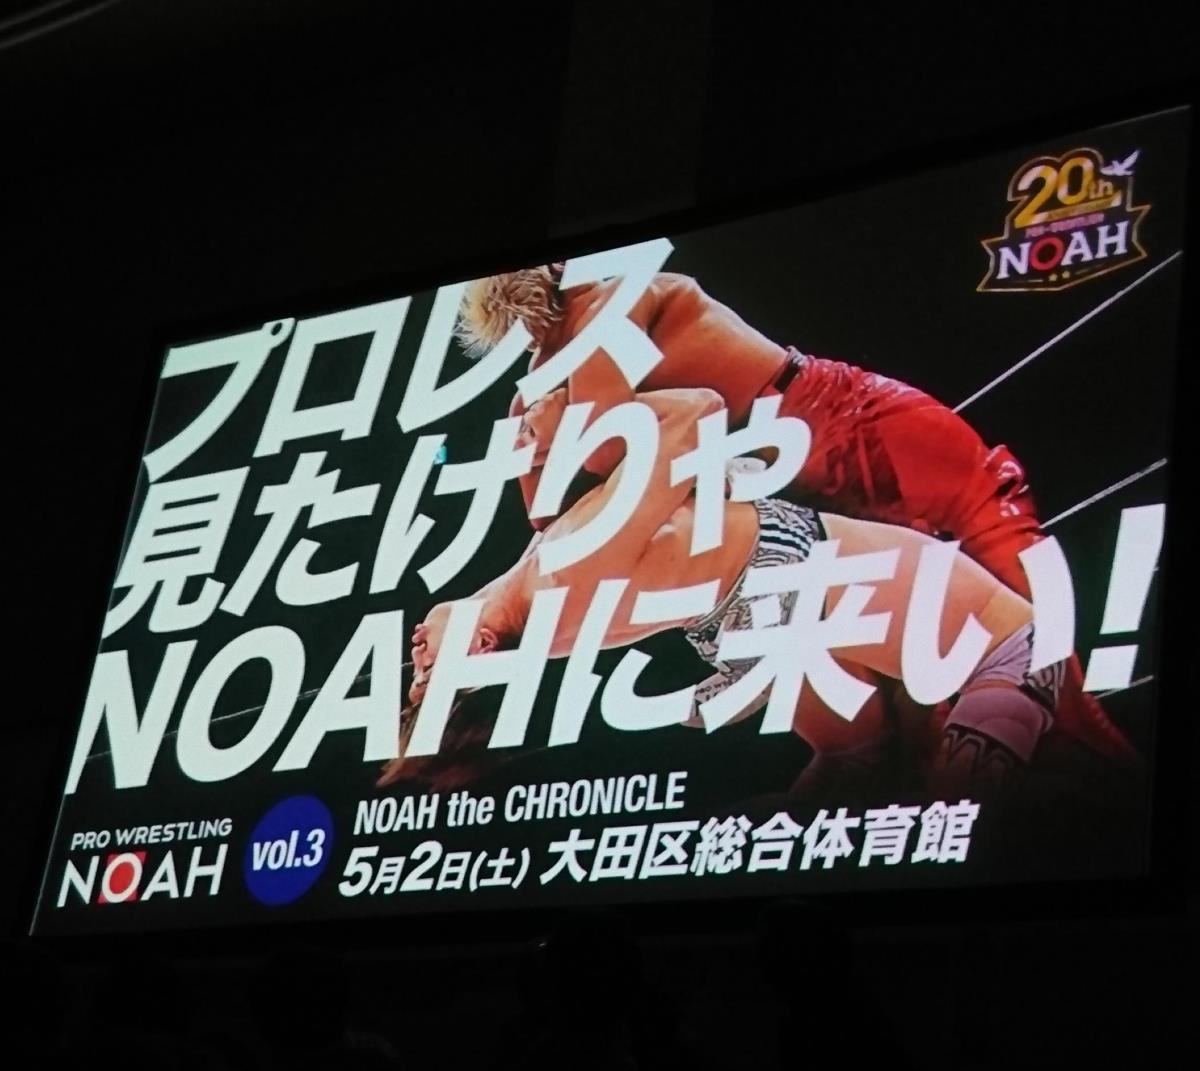 スクリーンで来年5月2日の大田区総合体育館大会が発表された